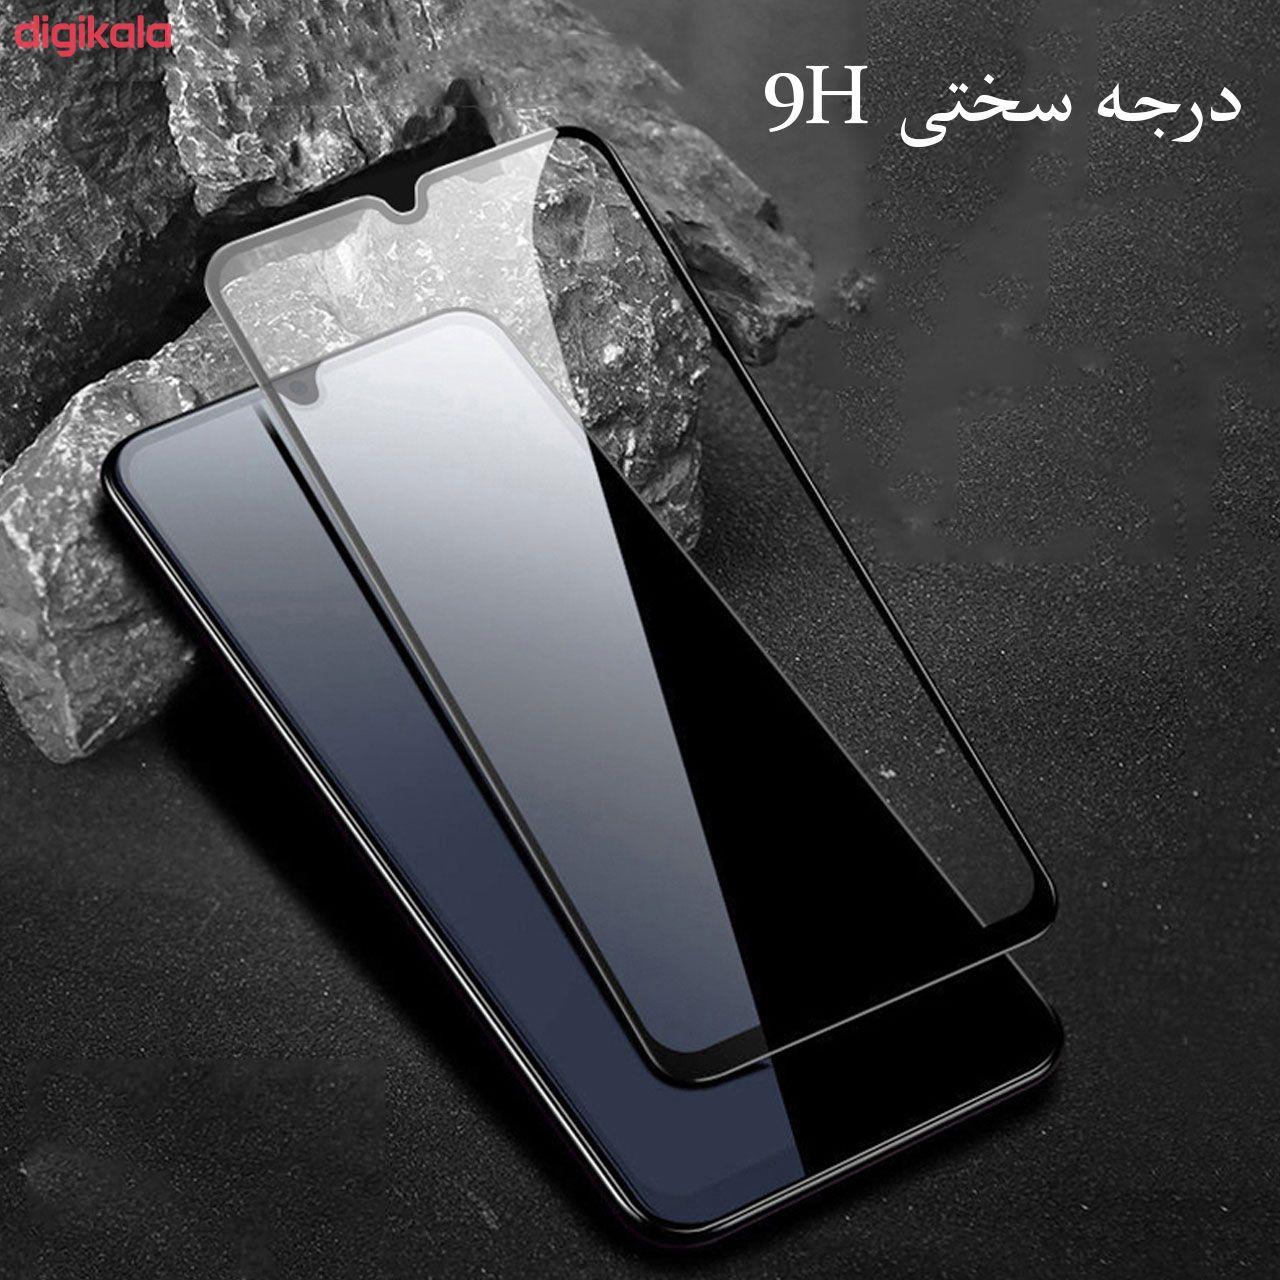 محافظ صفحه نمایش مدل FCG مناسب برای گوشی موبایل شیائومی Redmi 9C main 1 1